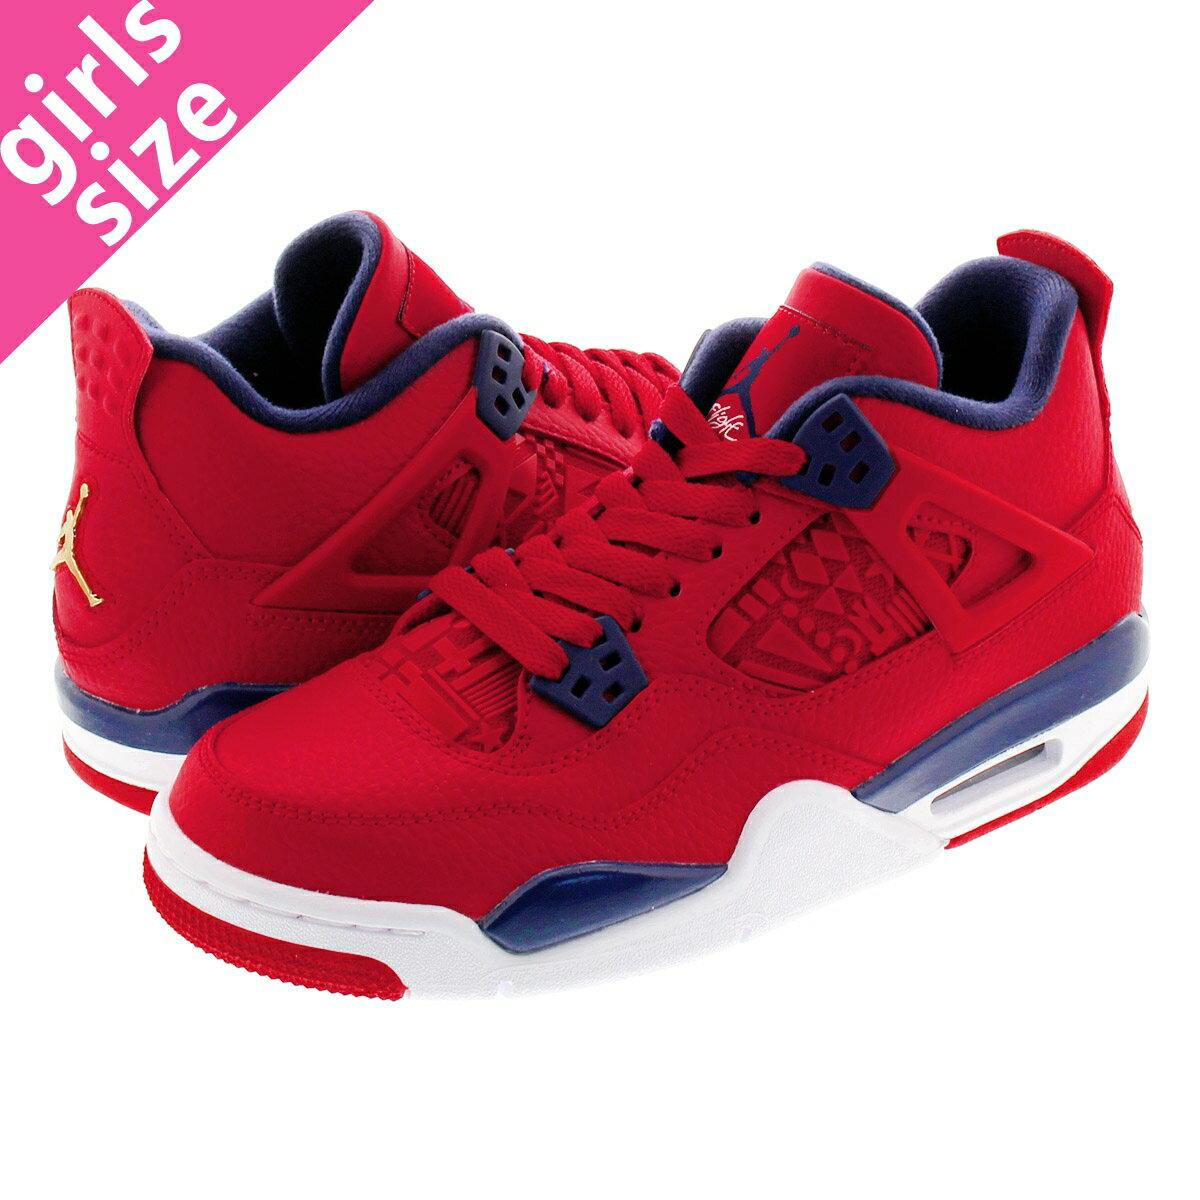 レディース靴, スニーカー NIKE AIR JORDAN 4 RETRO GS FIBA 4 GS GYM REDWHITEMETALLIC GOLD 408452-617